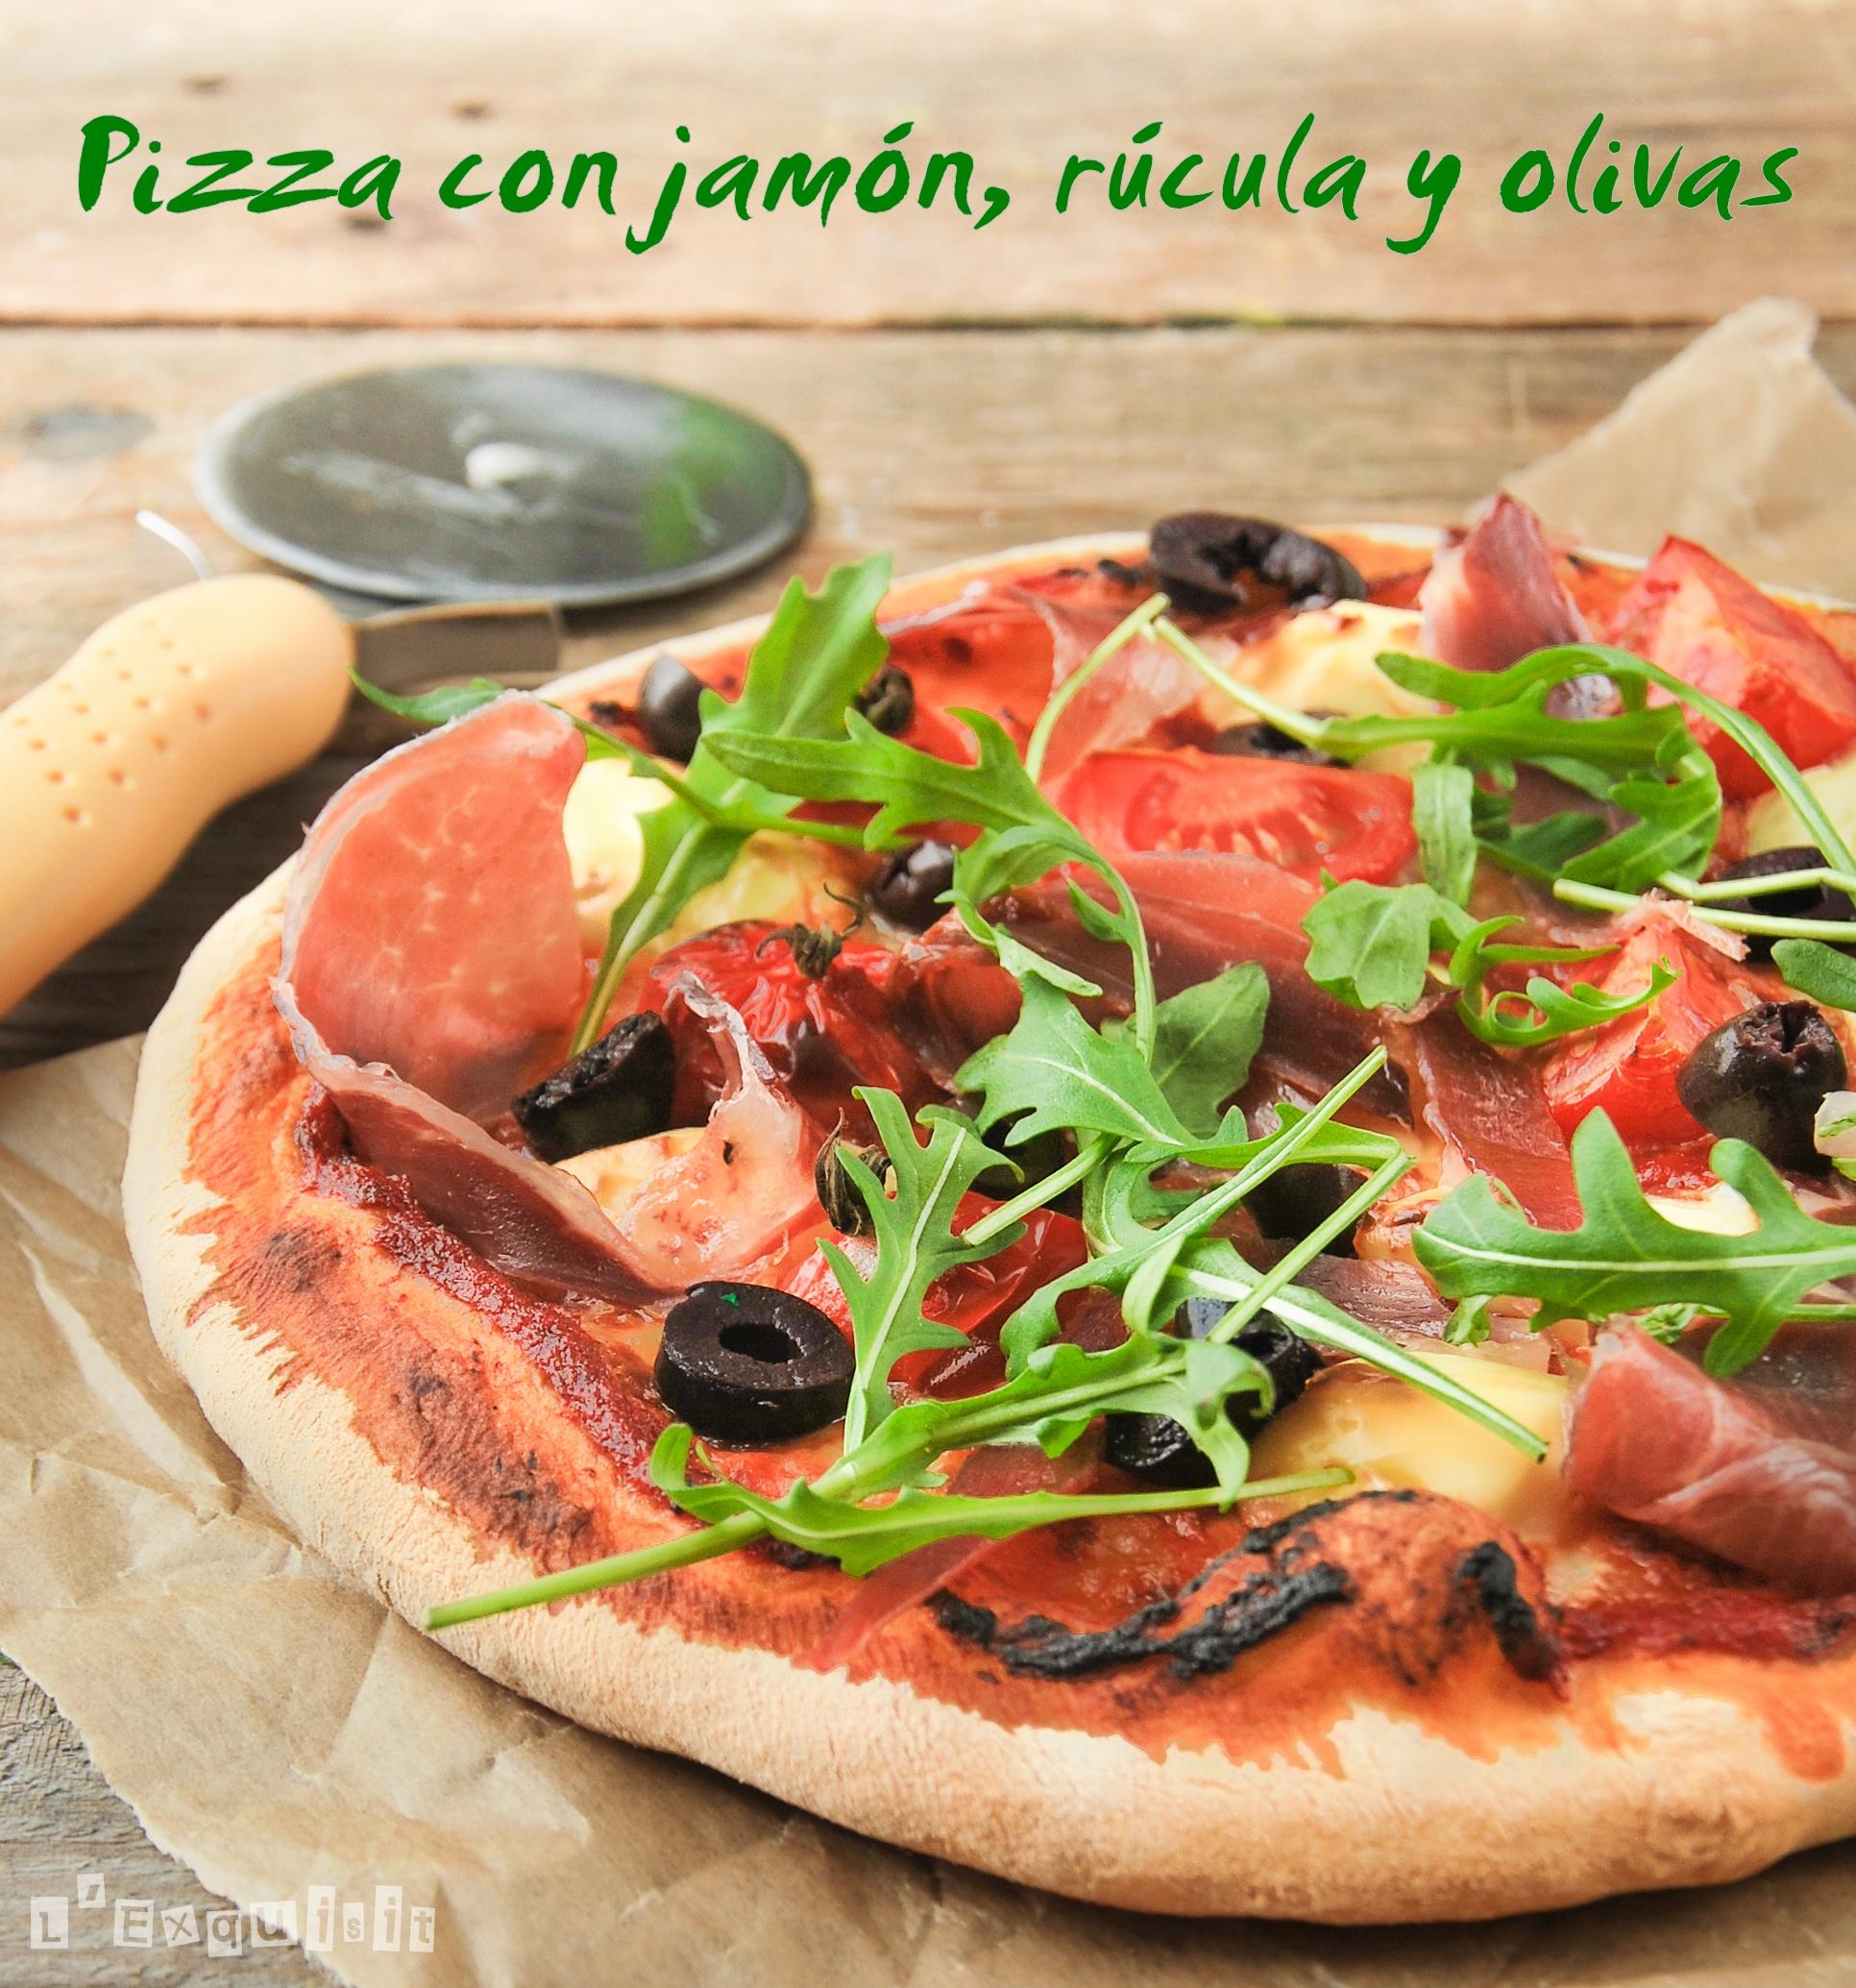 Pizza con jamón ibérico, rúcula y olivas